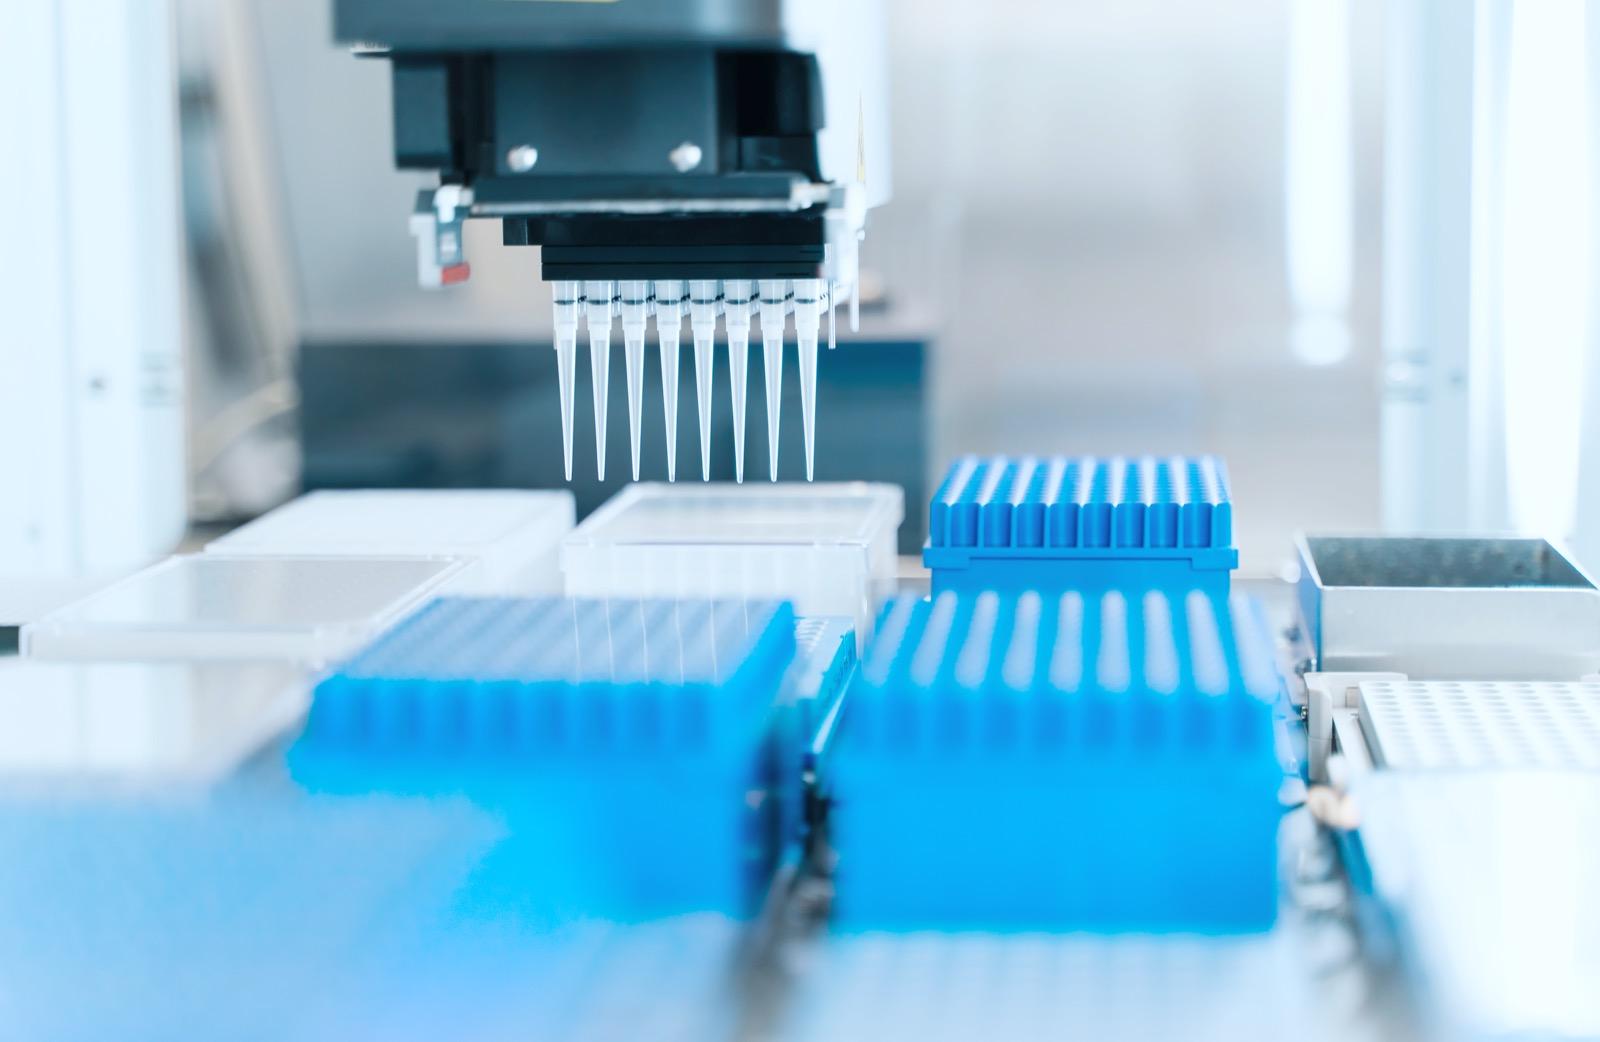 Laboratorium automatisering